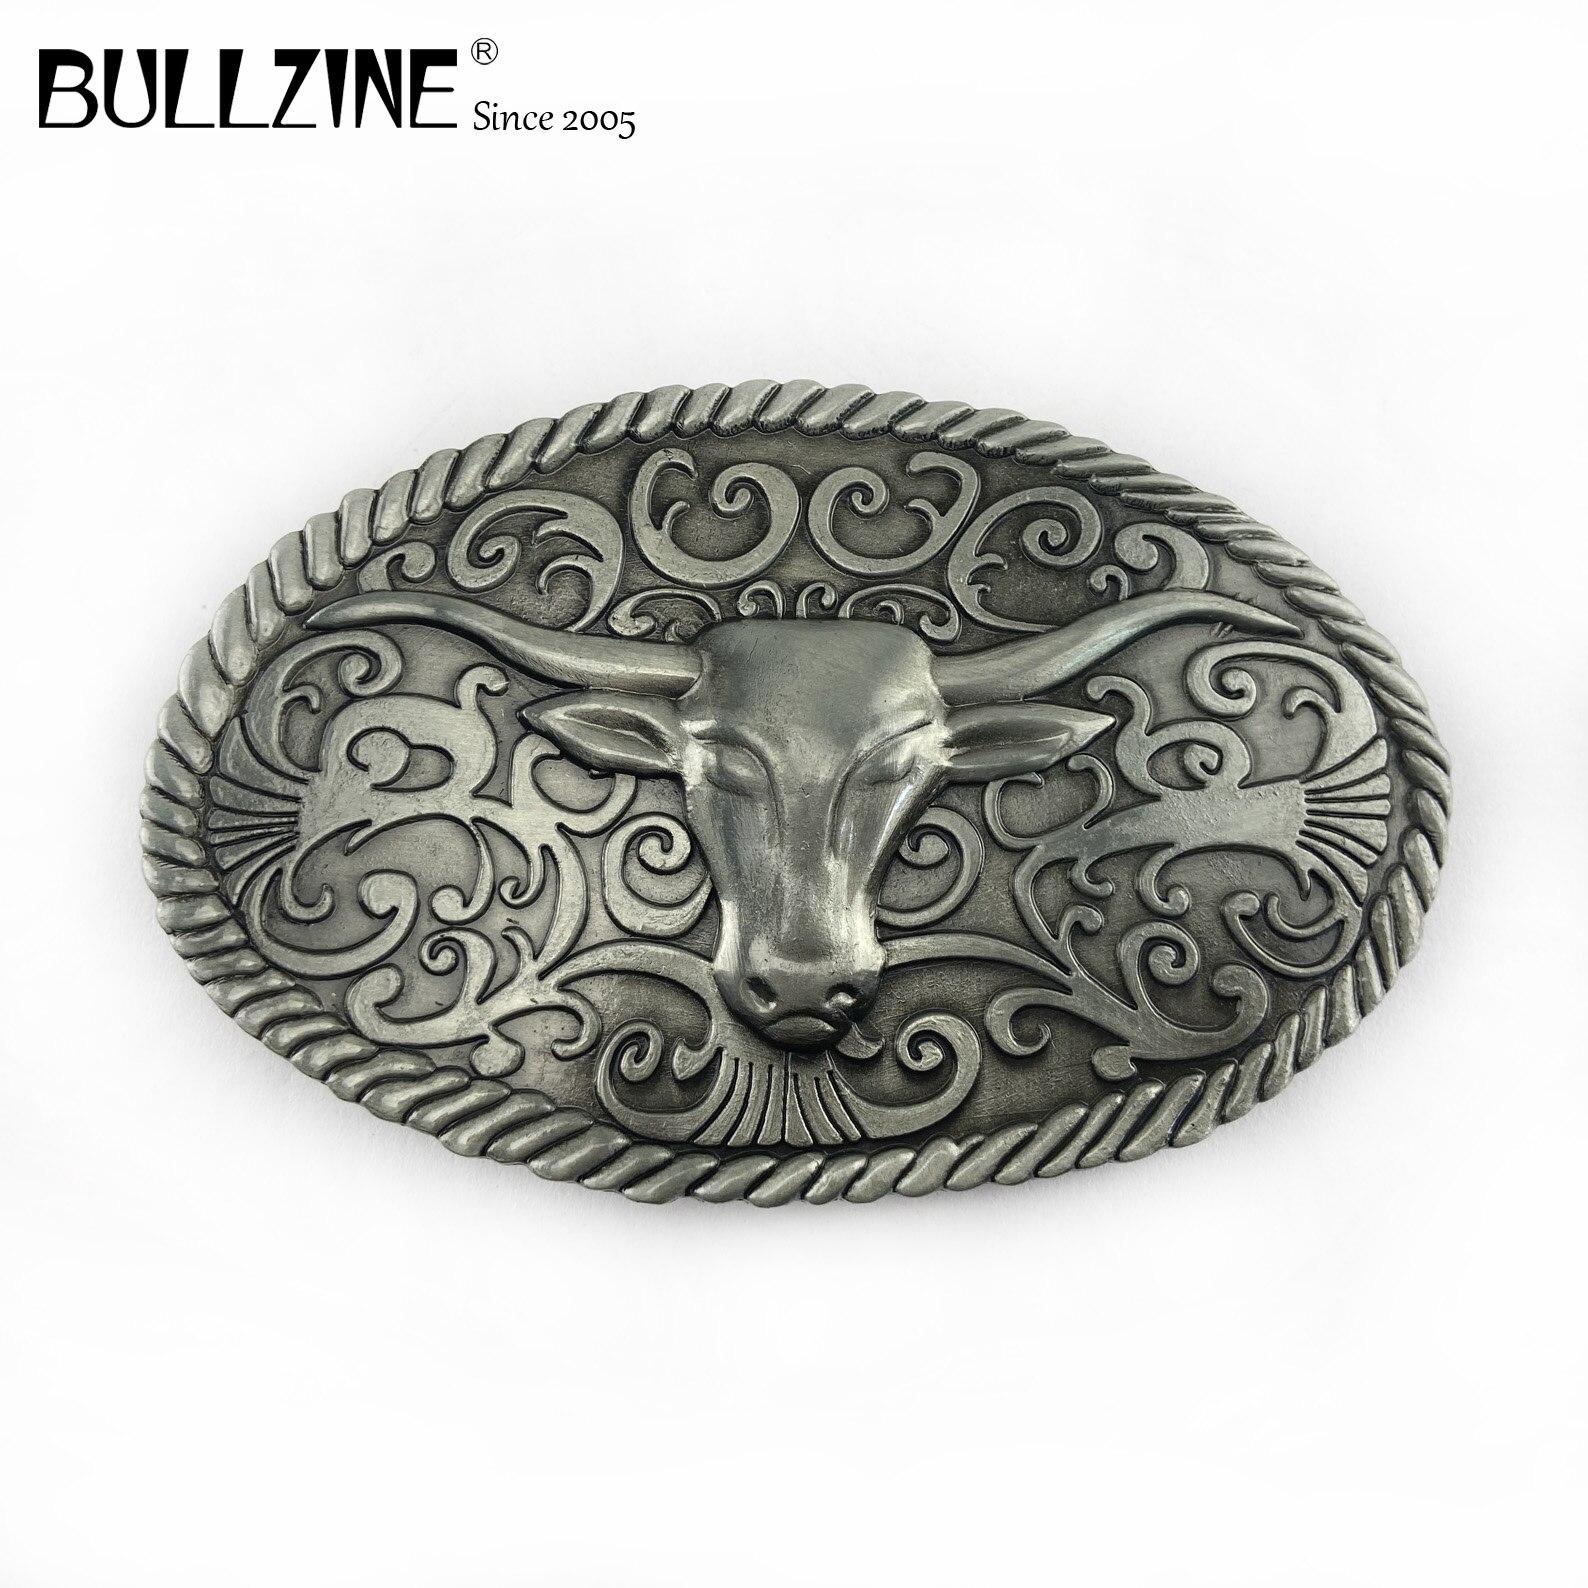 El Bullzine Western bull cinturón hebilla con acabado Peltre FP-03495 adecuado para encaje en el cinturón de 4cm de ancho